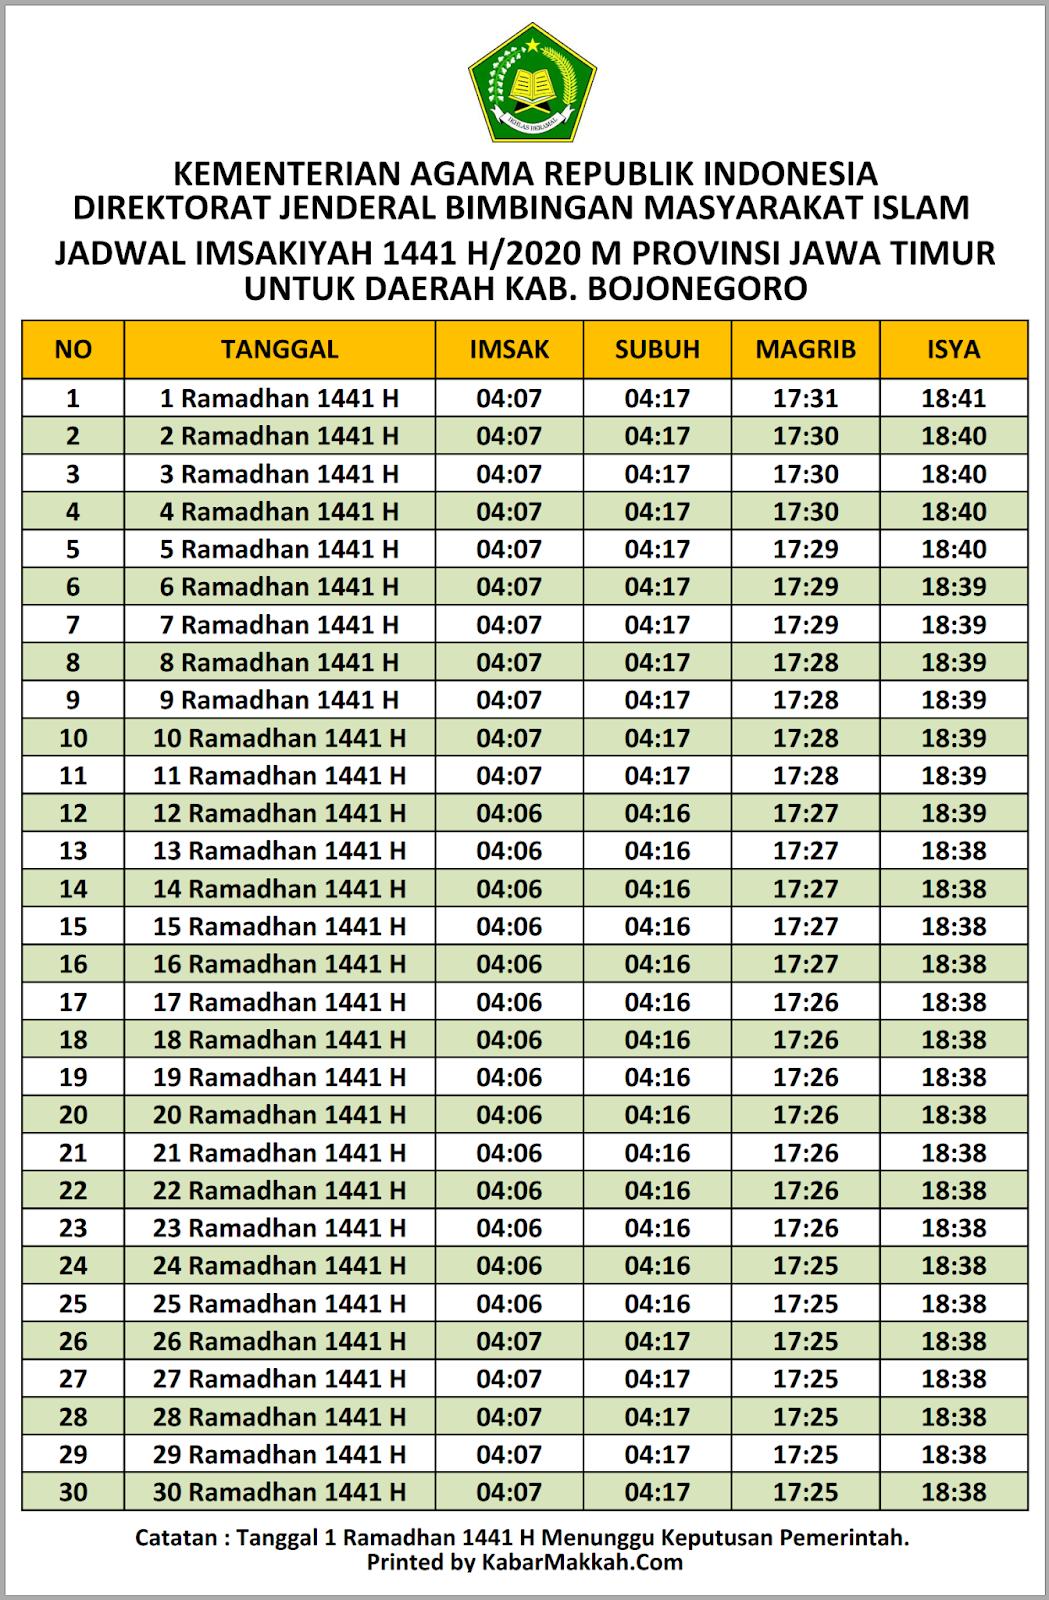 Jadwal Imsakiyah Bojonegoro 2020